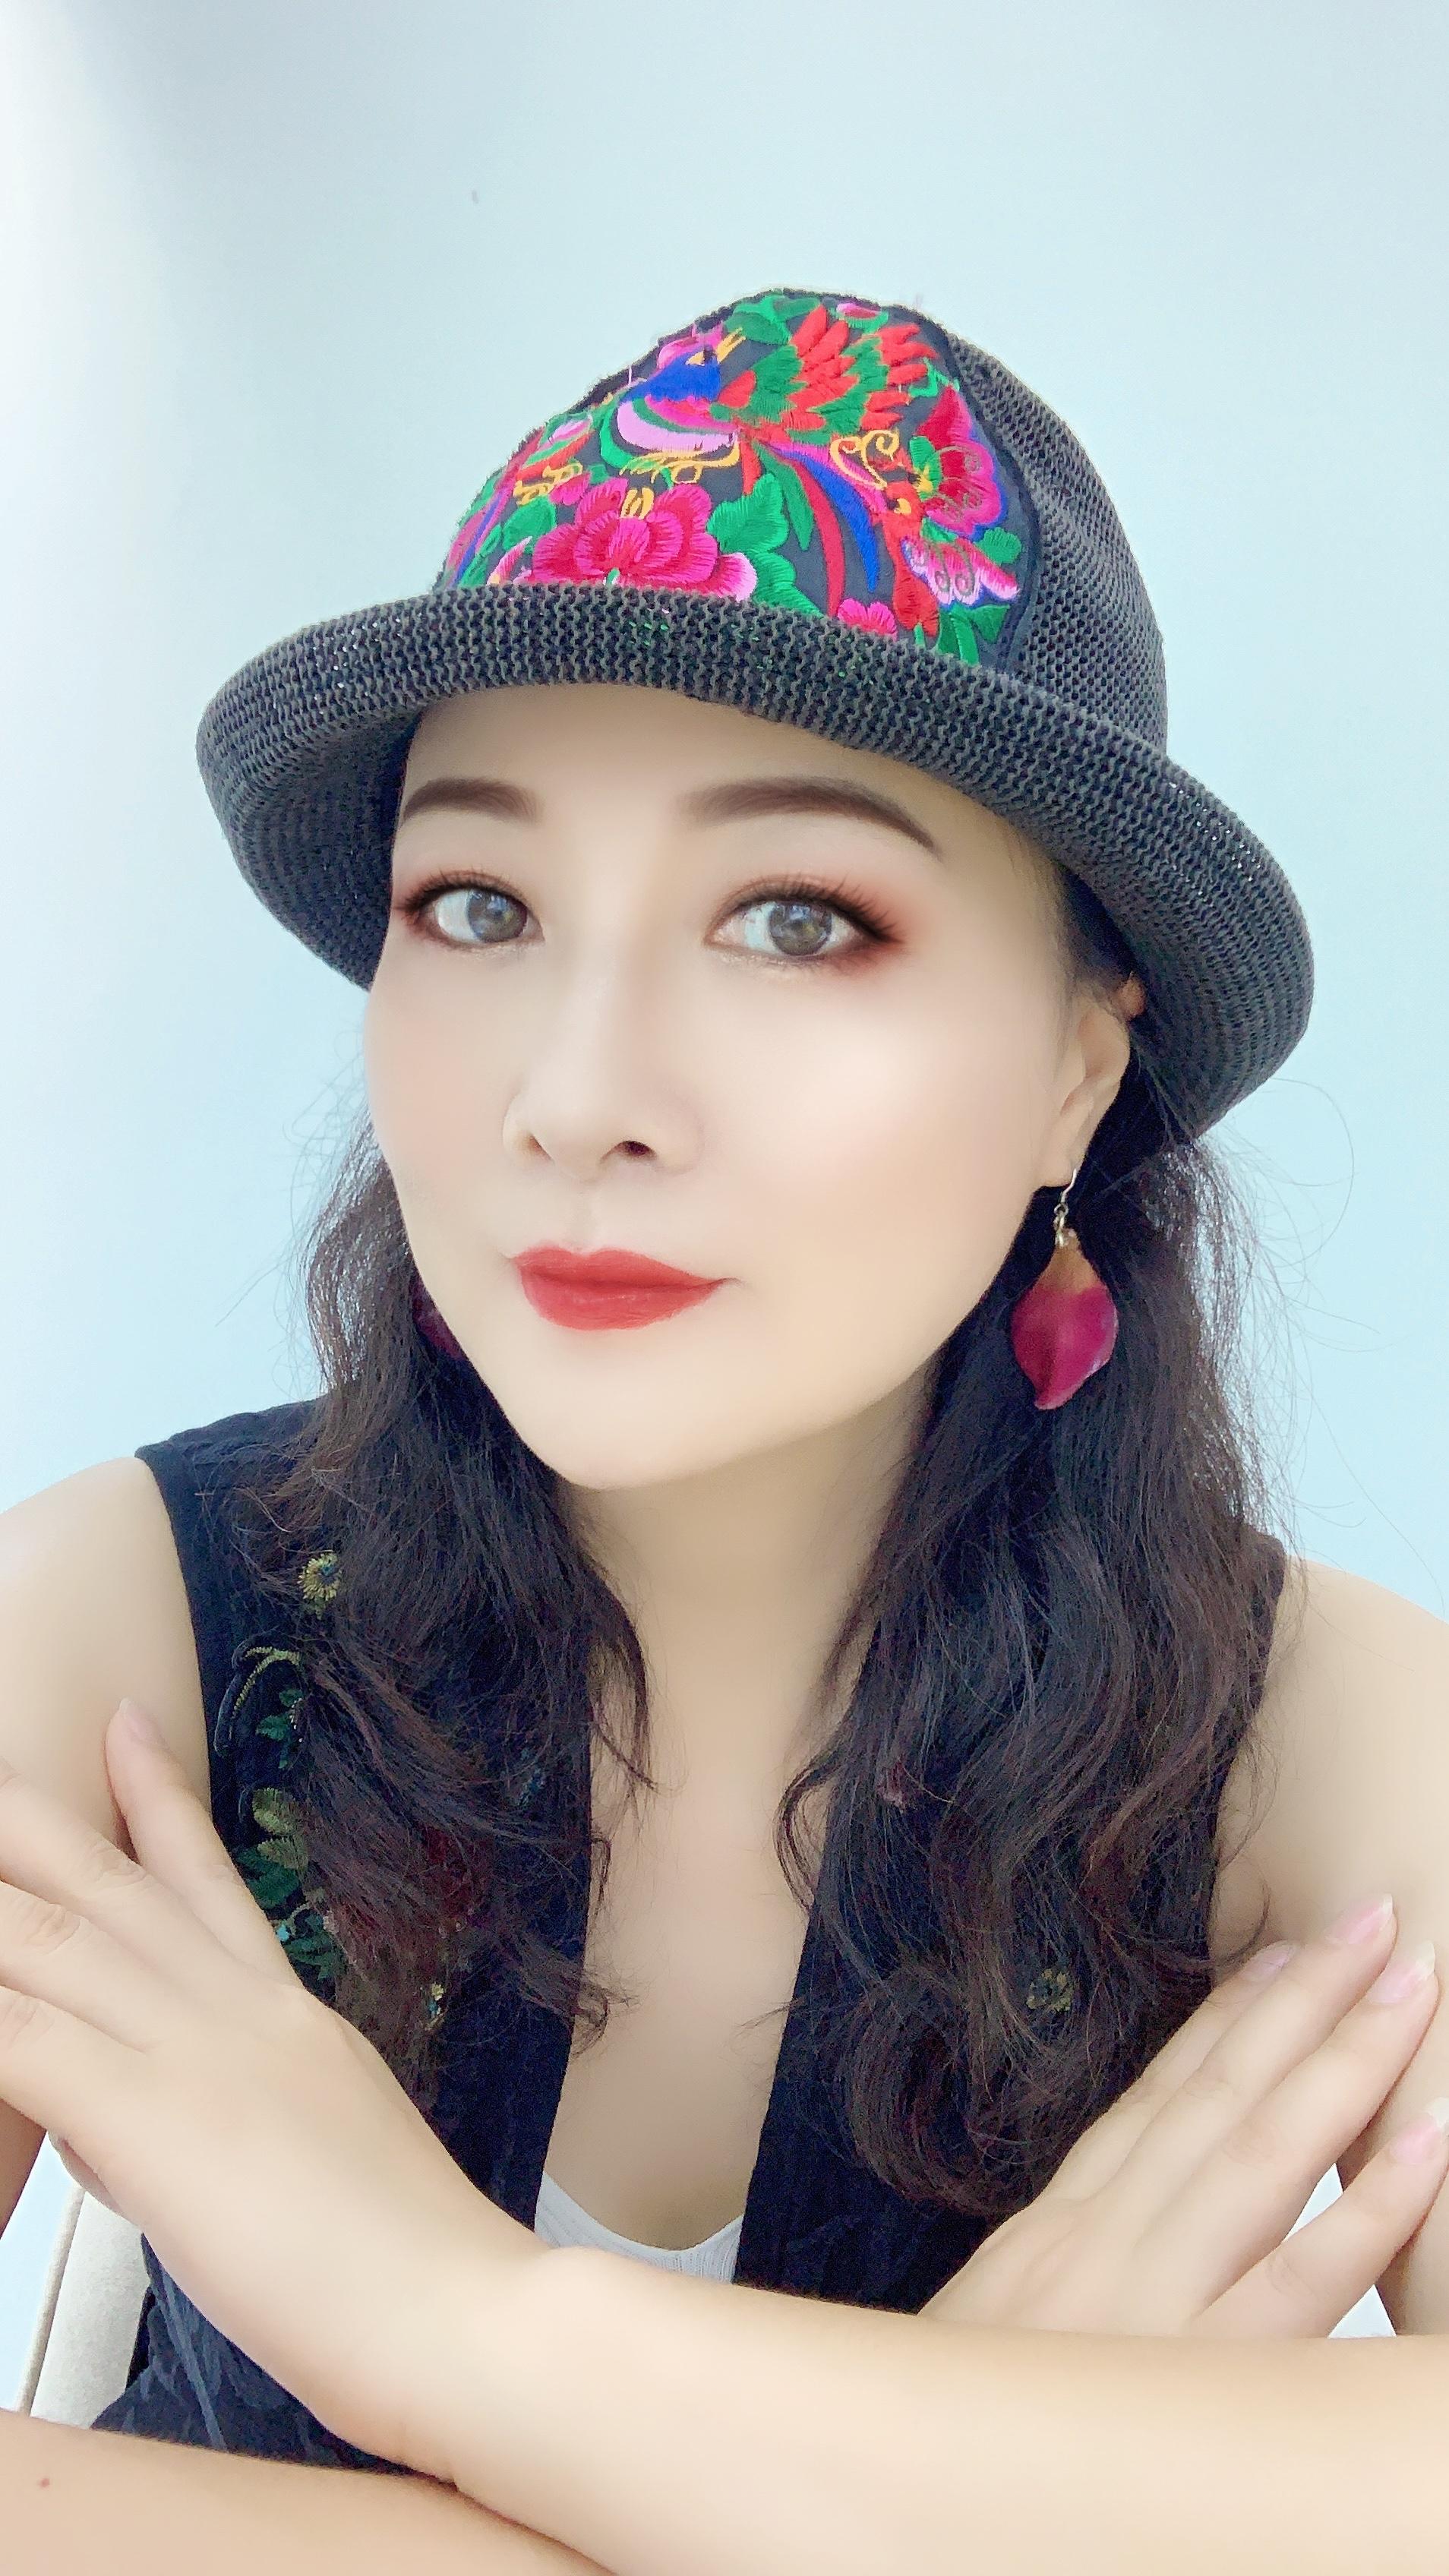 深圳原创女歌手杨丽词曲作品《我们》荣获全国原创词曲组铜奖